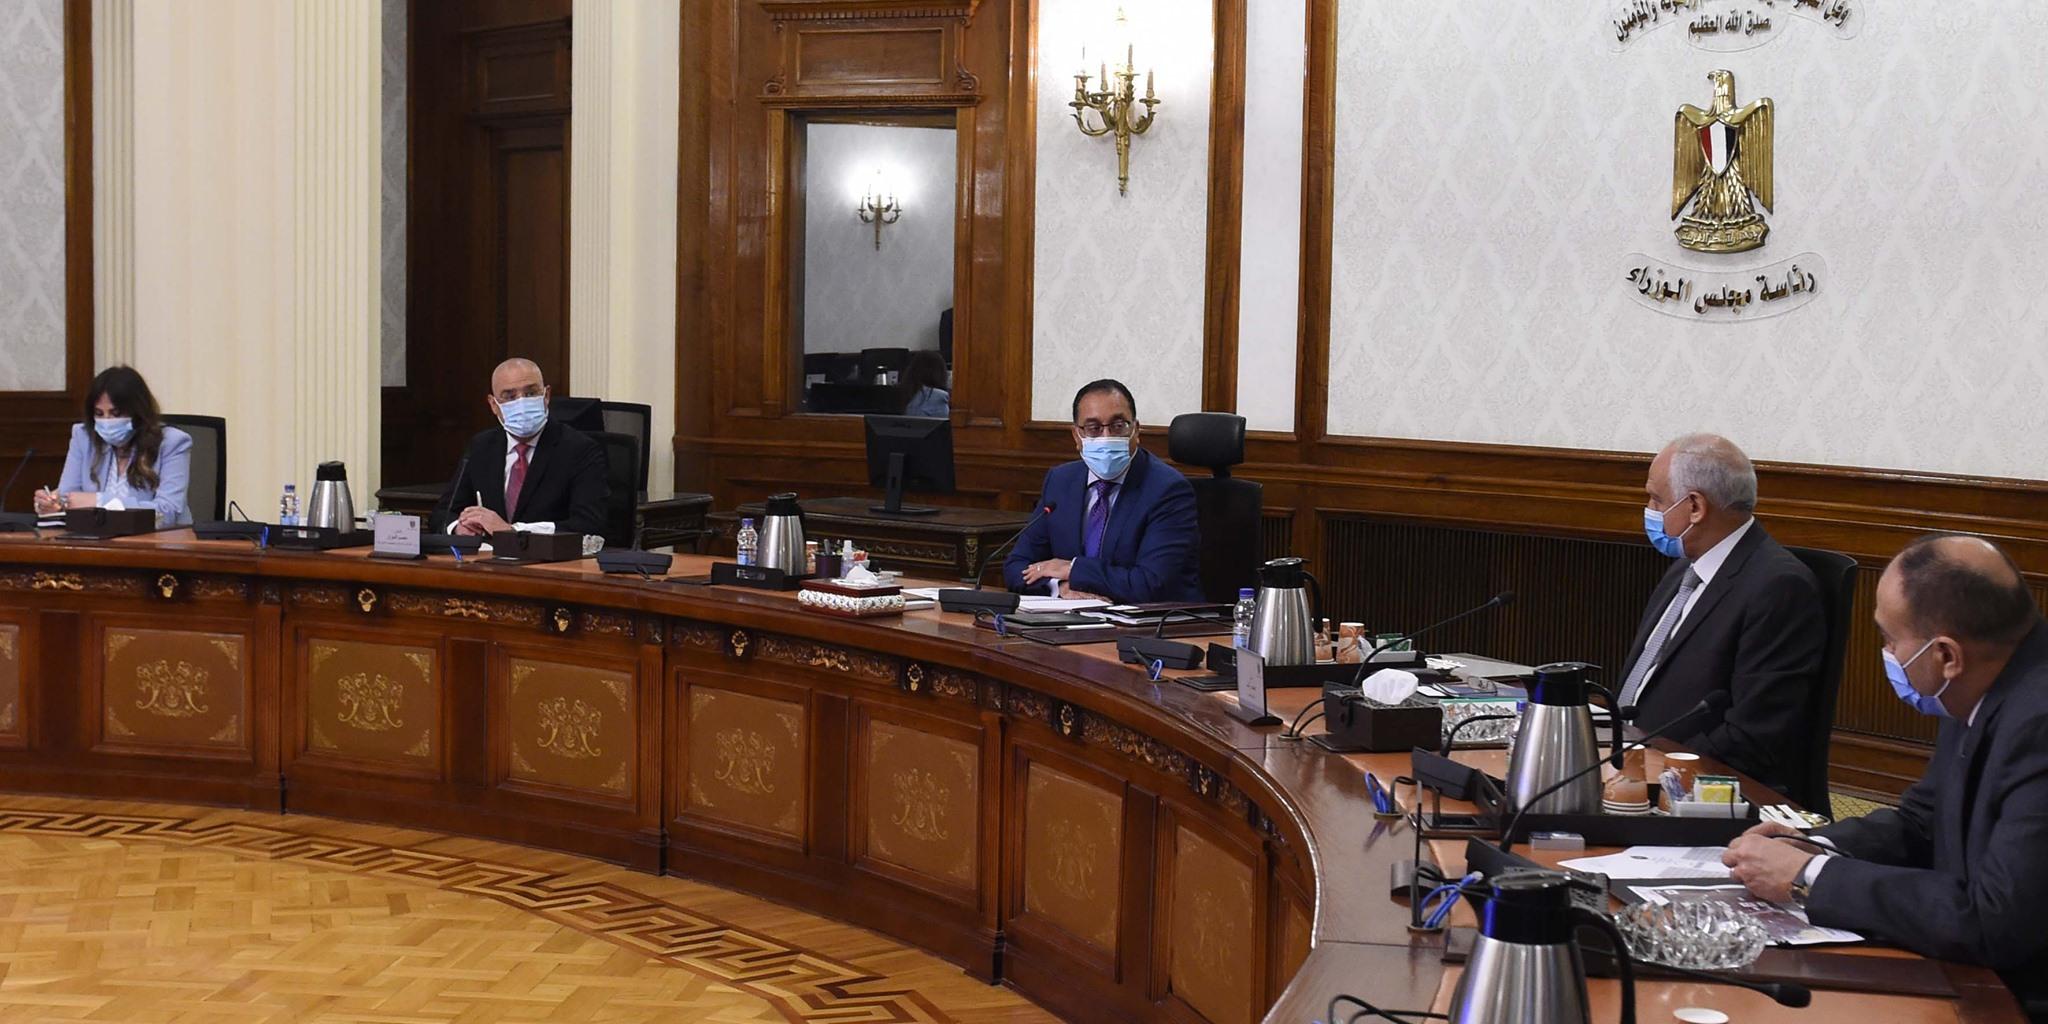 رئيس الوزراء يتابع خطط تطوير المنطقة الجنوبية لمدينة الجيزة